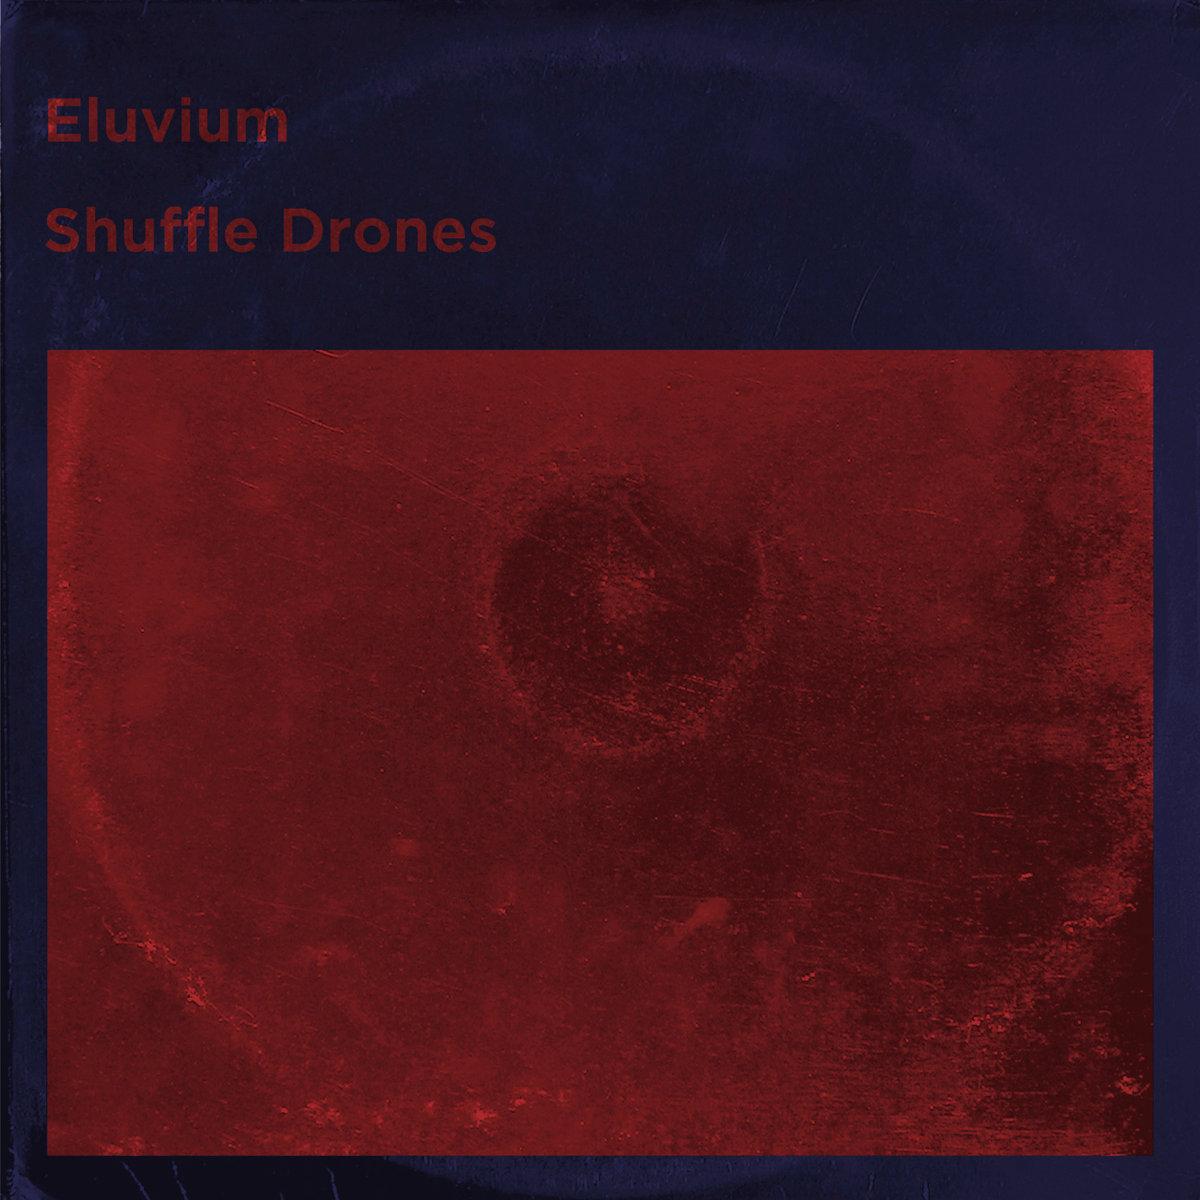 Eluvium new album Shuffle Drones